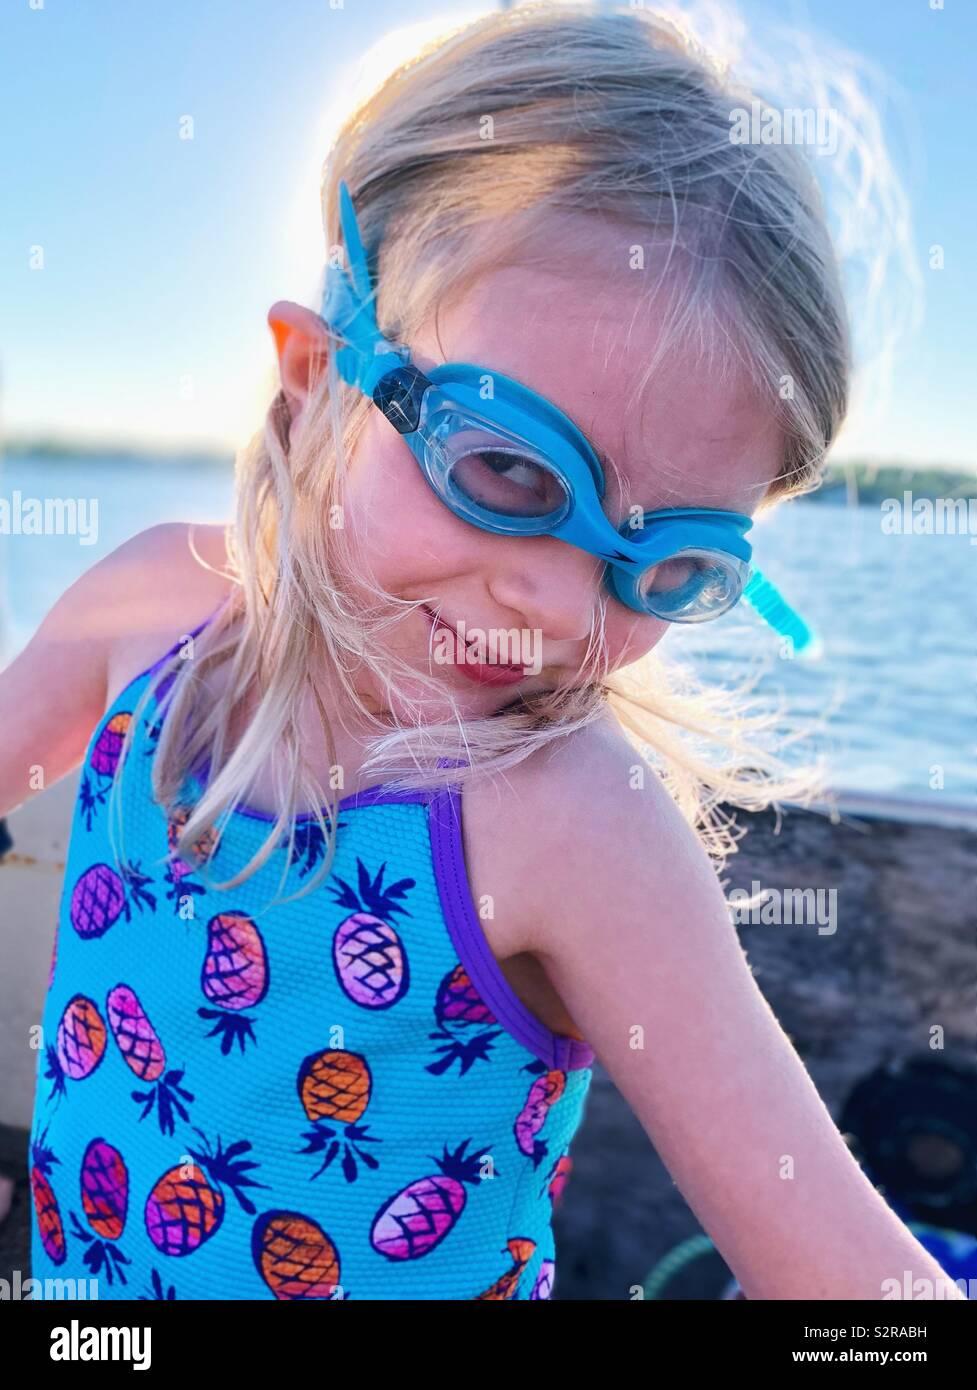 Joven rubia vestida de azul gafas de natación y un traje de baño en el lago. Foto de stock